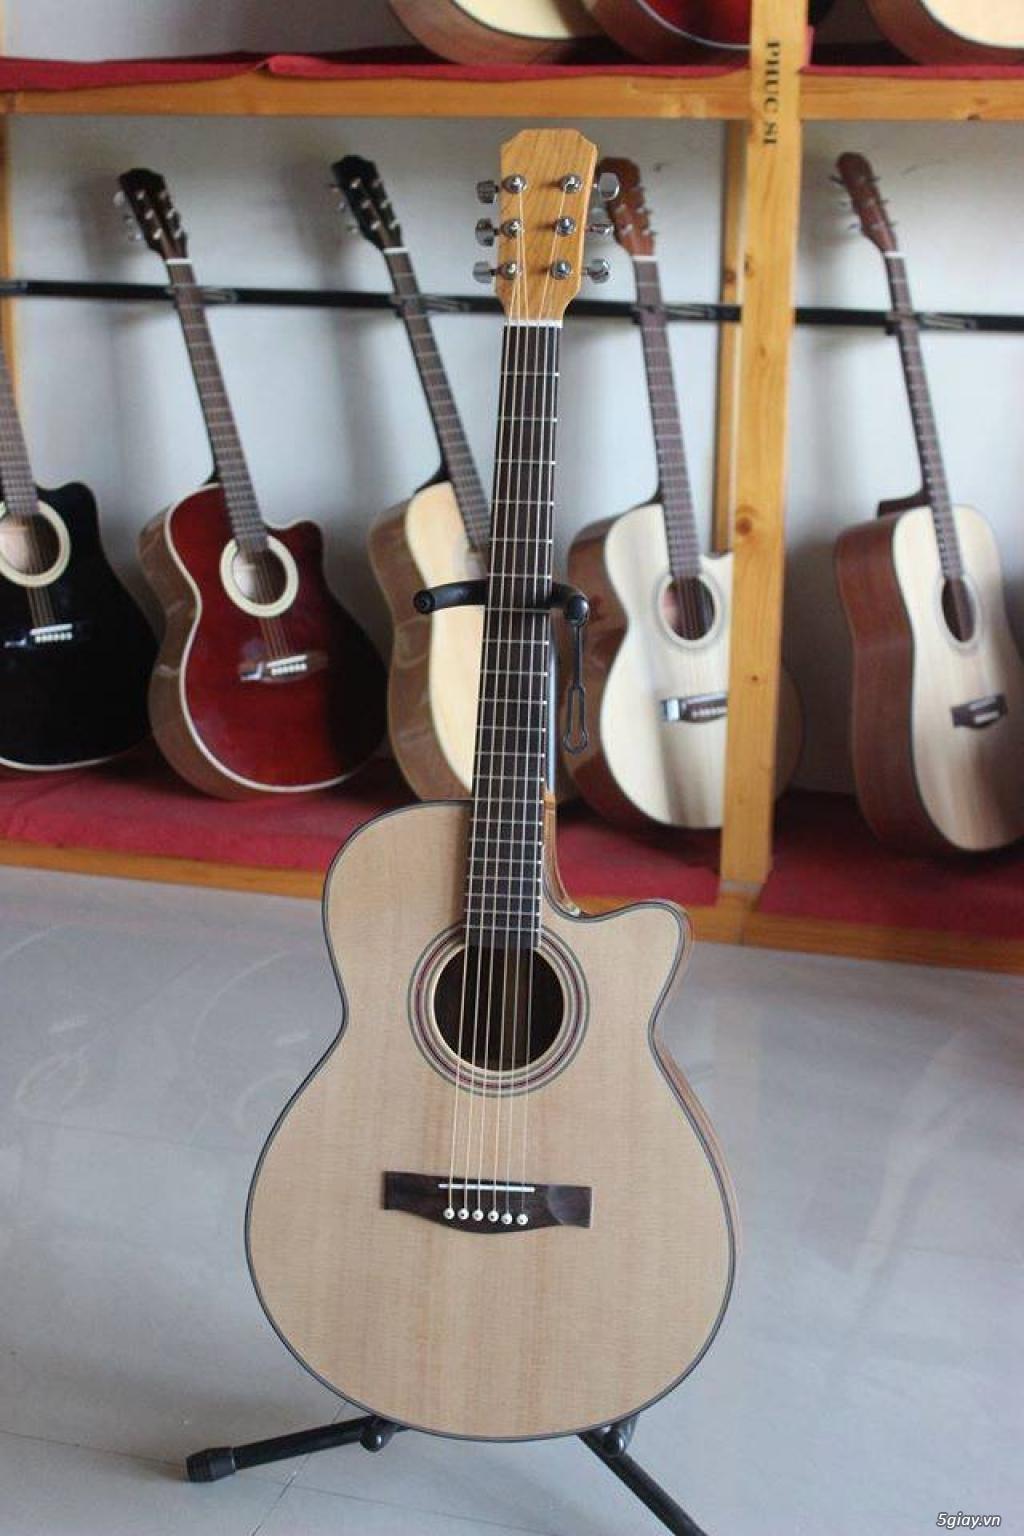 Bán Đàn Guitar, Đàn Tranh, giá rẻ tại cửa hàng nhạc cụ mới HÓC MÔN - 4